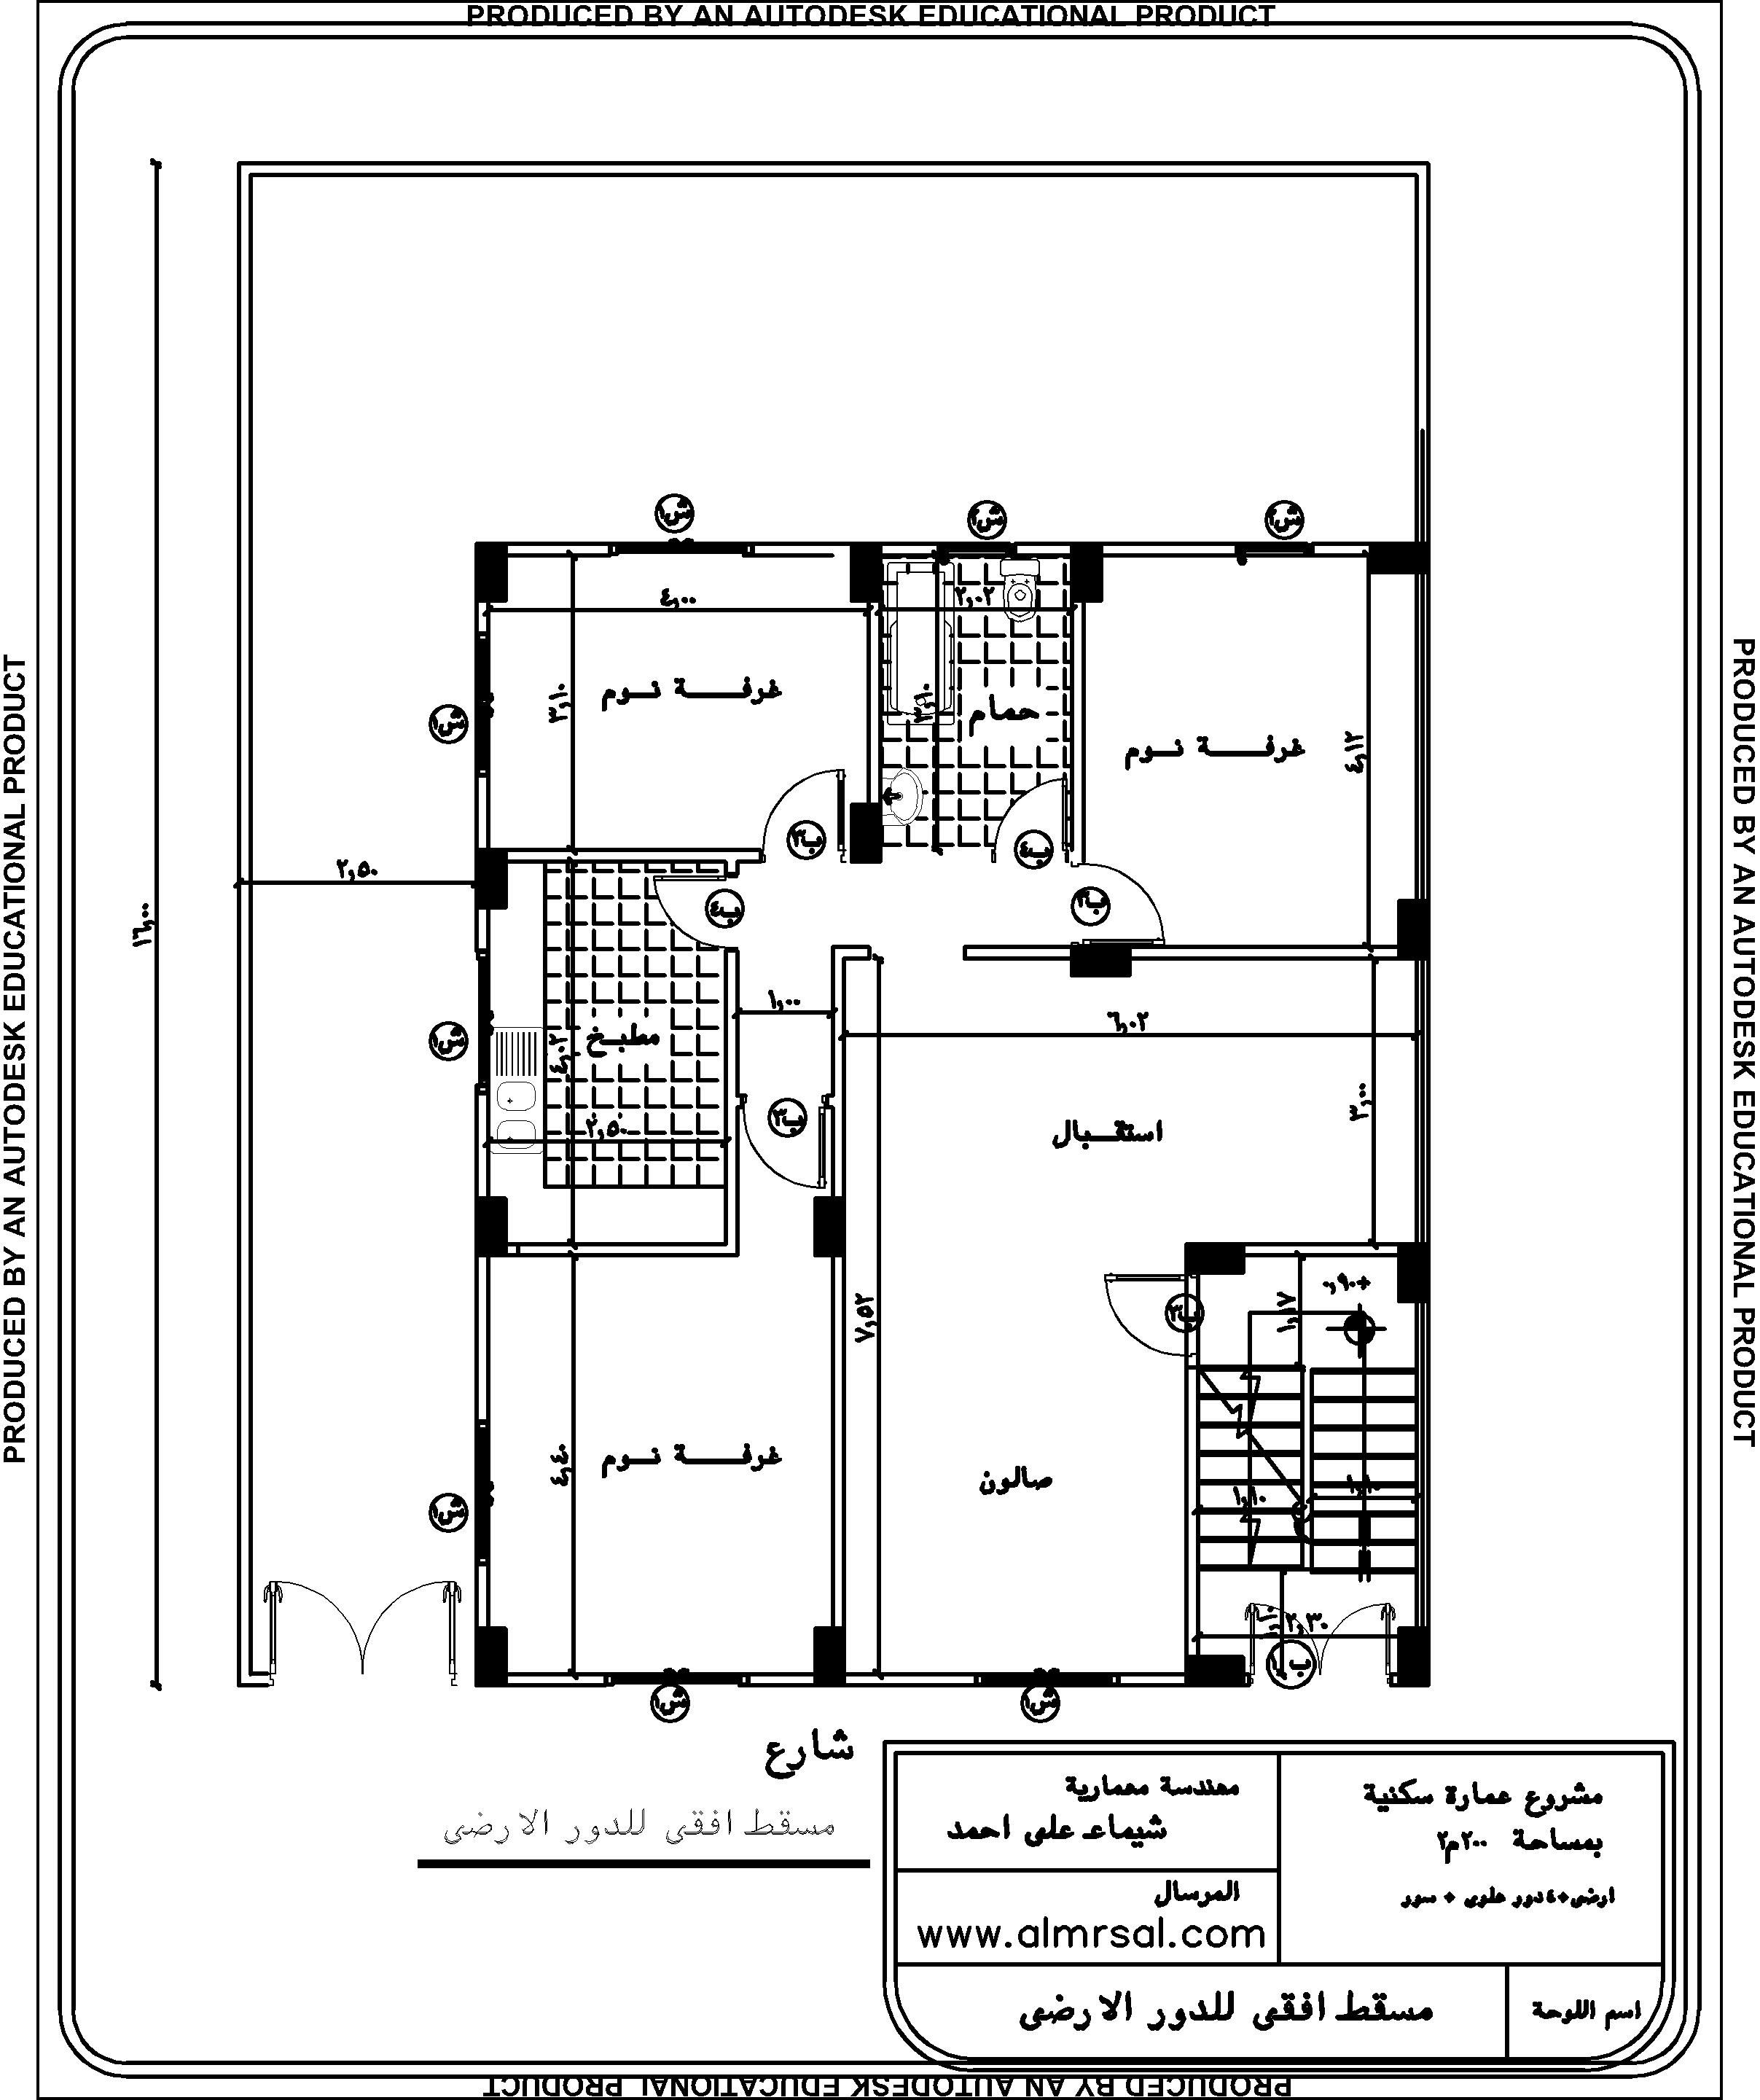 عمارة سكنية 200م2 مسقط افقي للدور الارضي